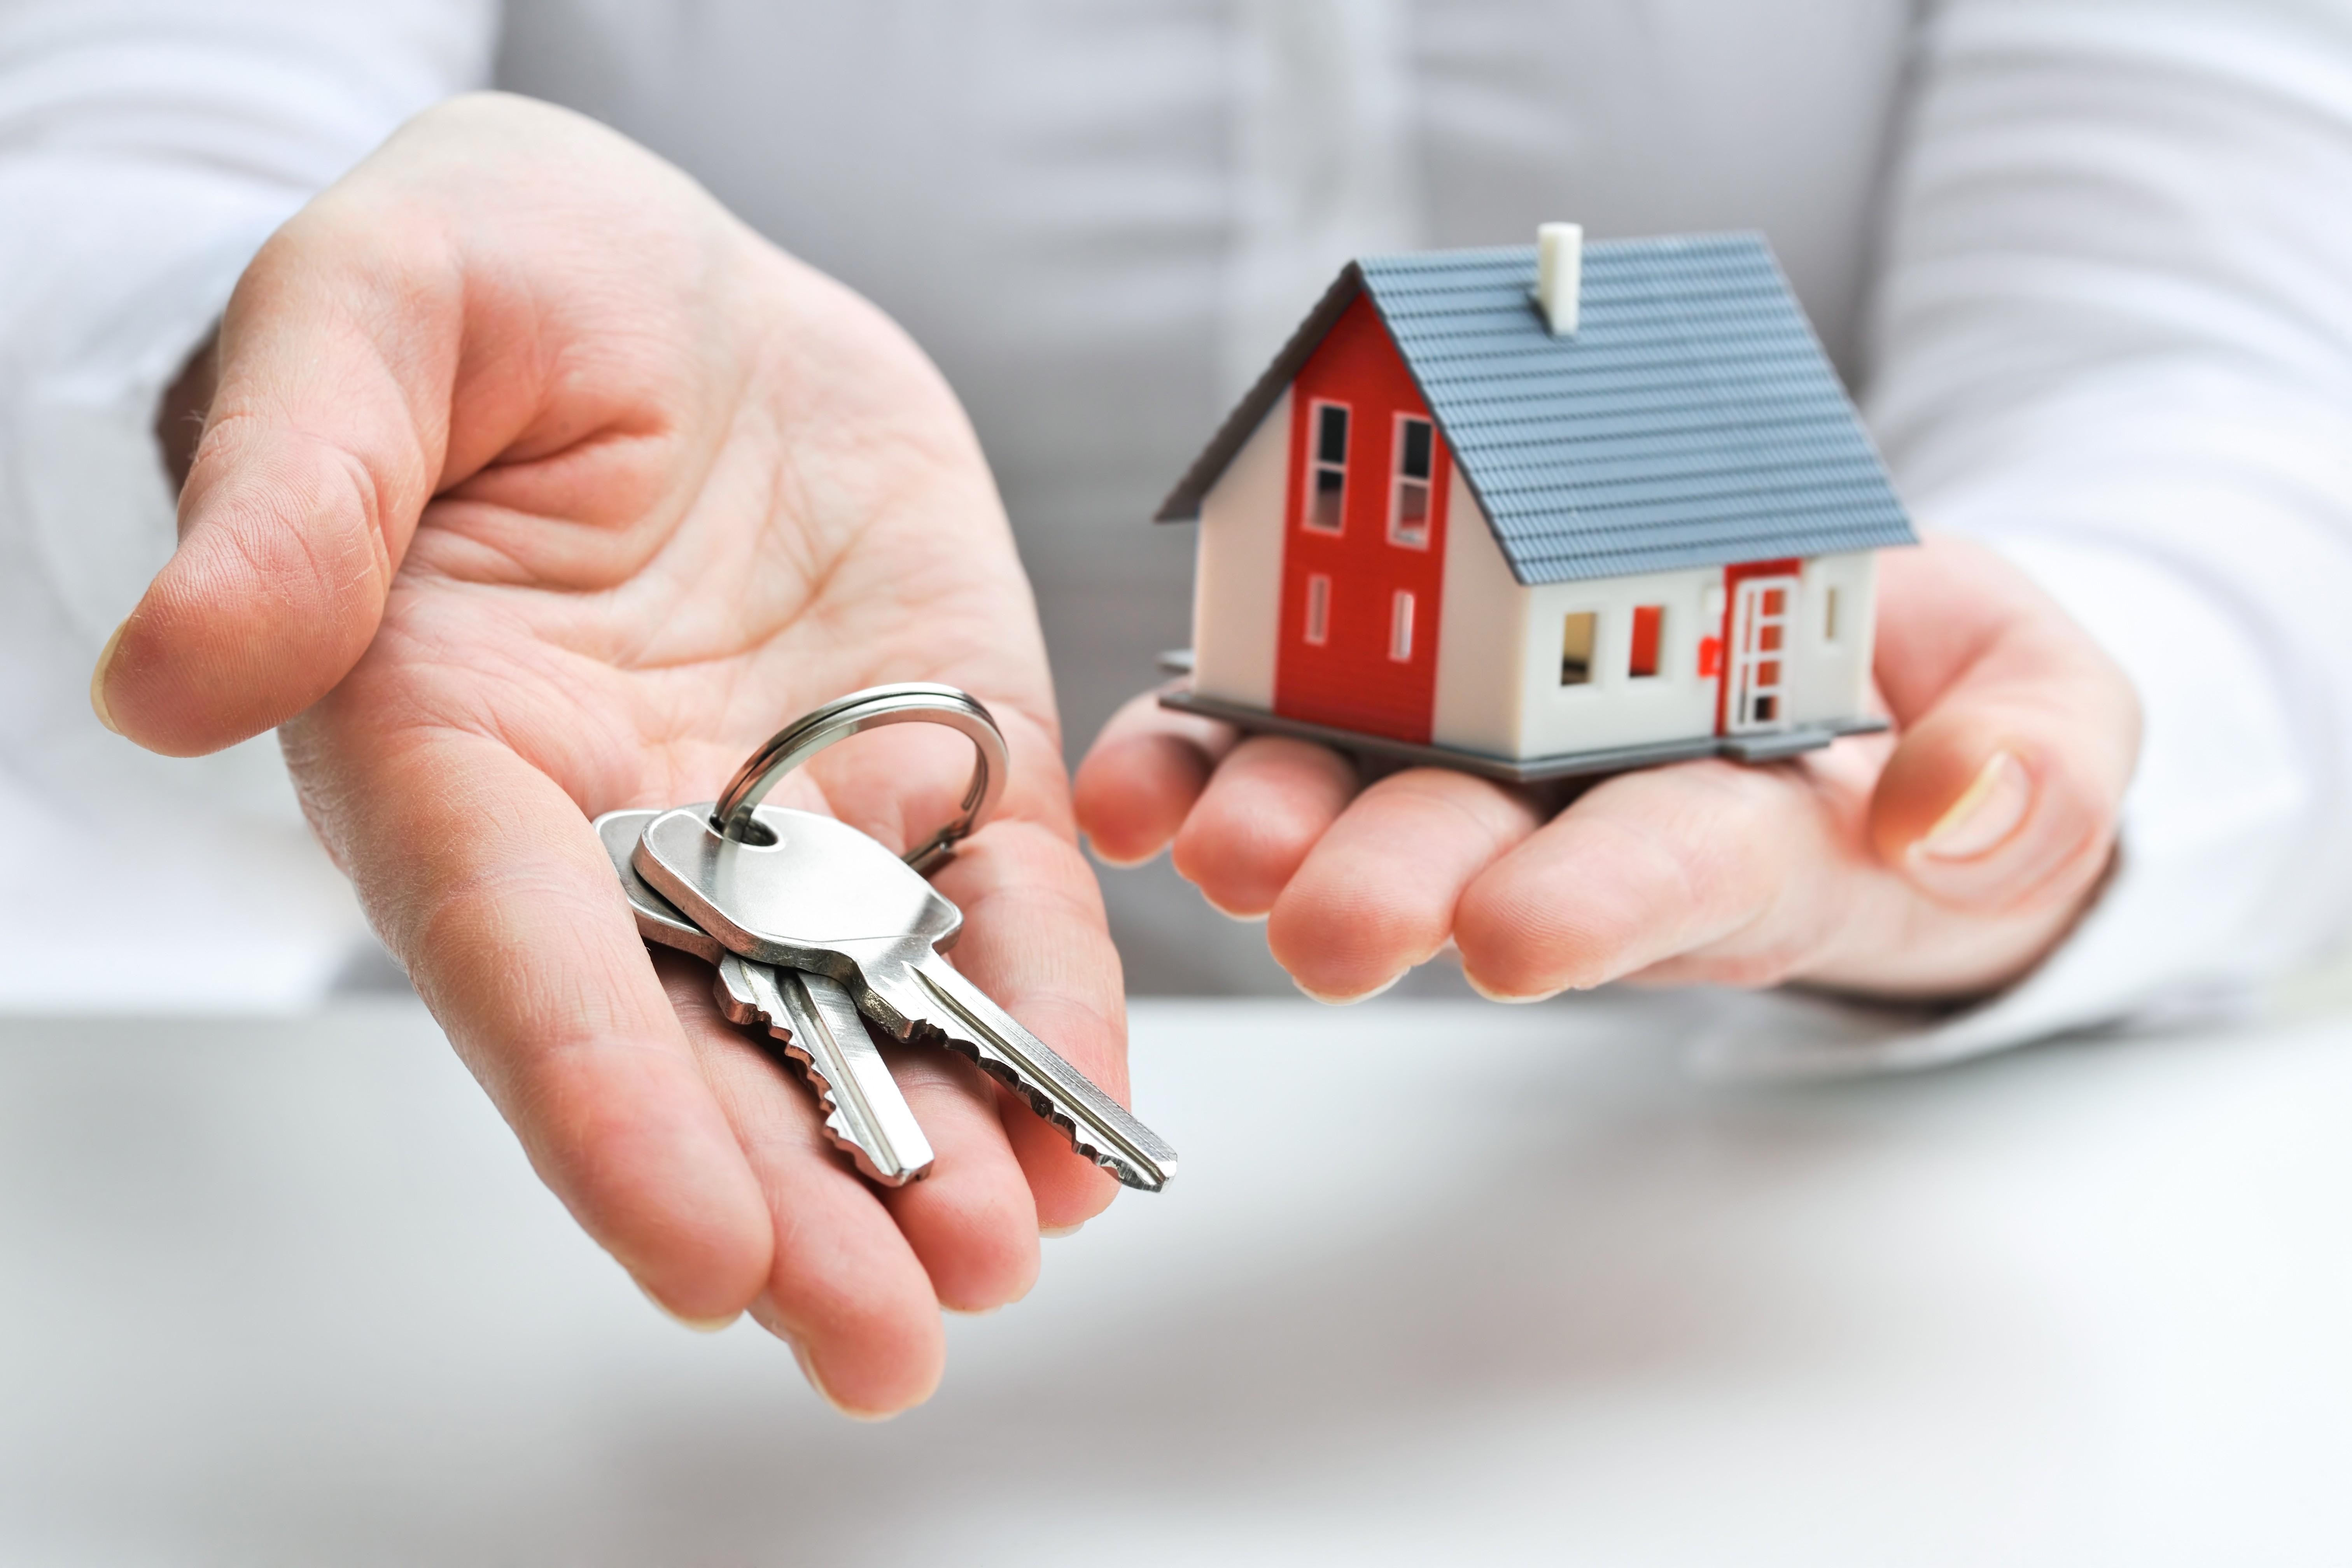 мошенничество при покупке недвижимости